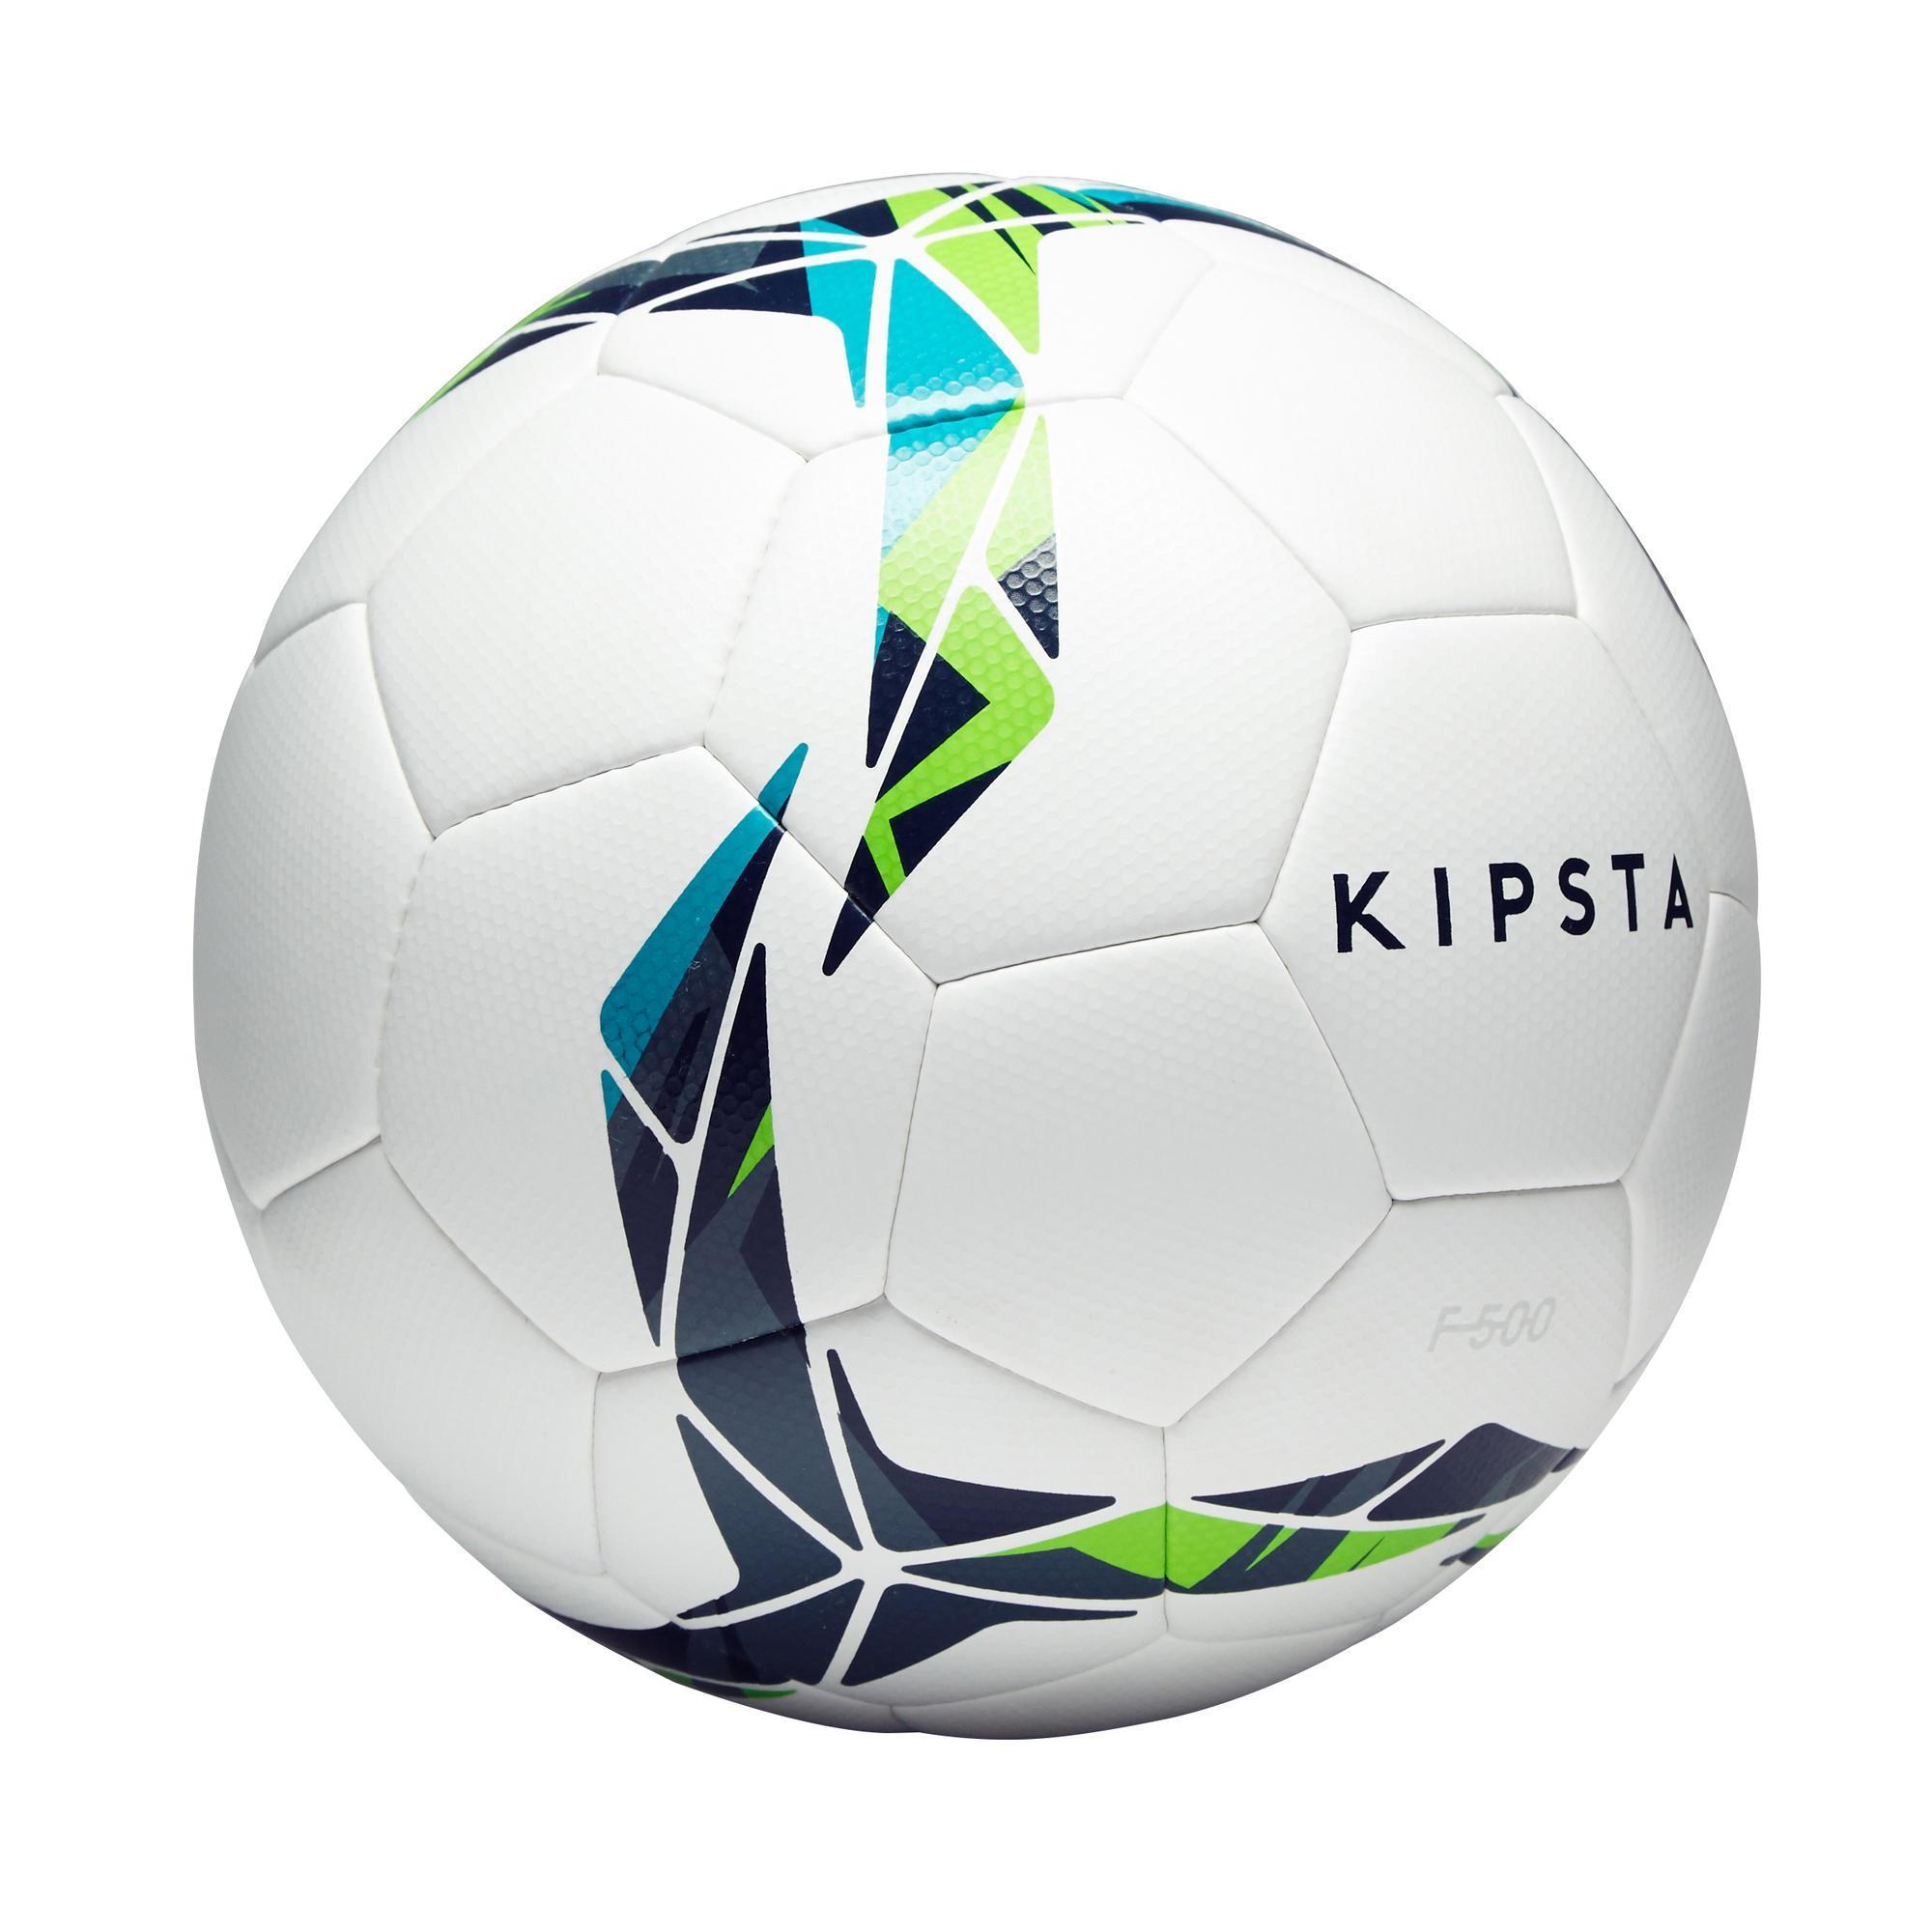 2cf069e1106f4 Comprar Balones de Fútbol 11 y Fútbol 7